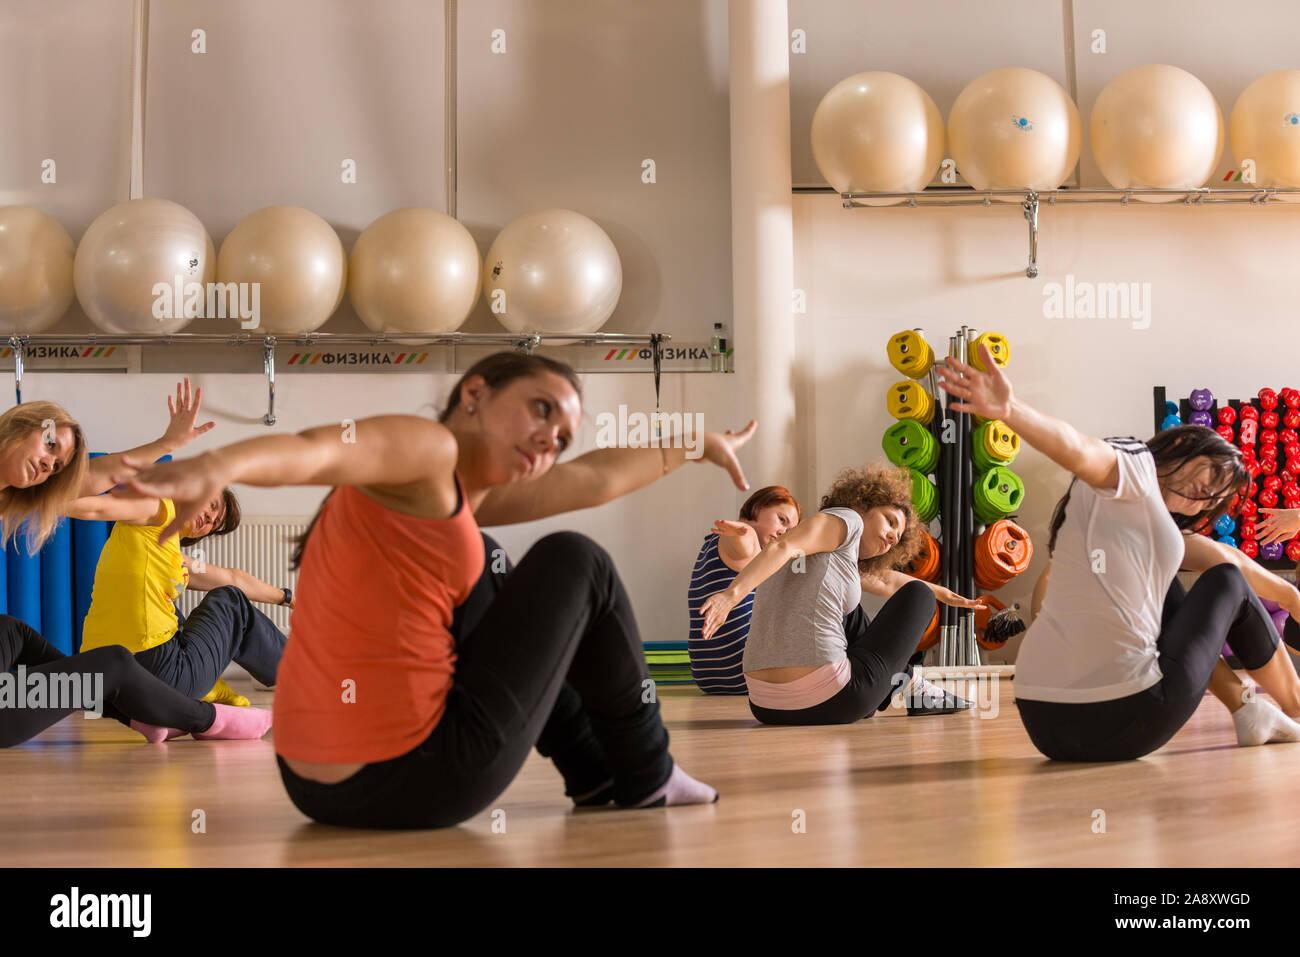 Moscú, Rusia - Diciembre 13, 2012: Clase de baile para mujeres en el centro de fitness Foto de stock